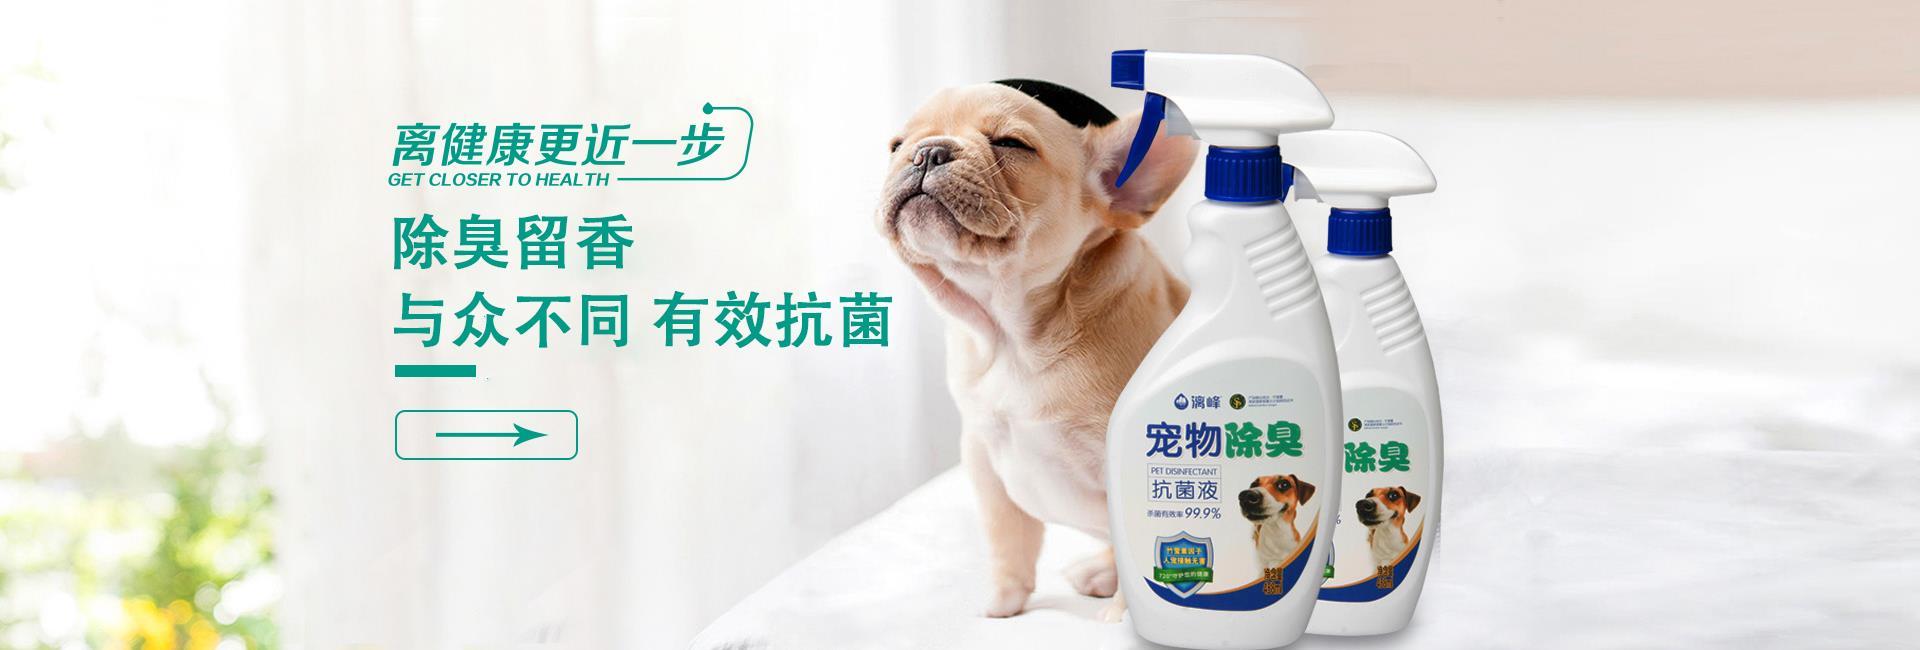 寵物消毒液廠家